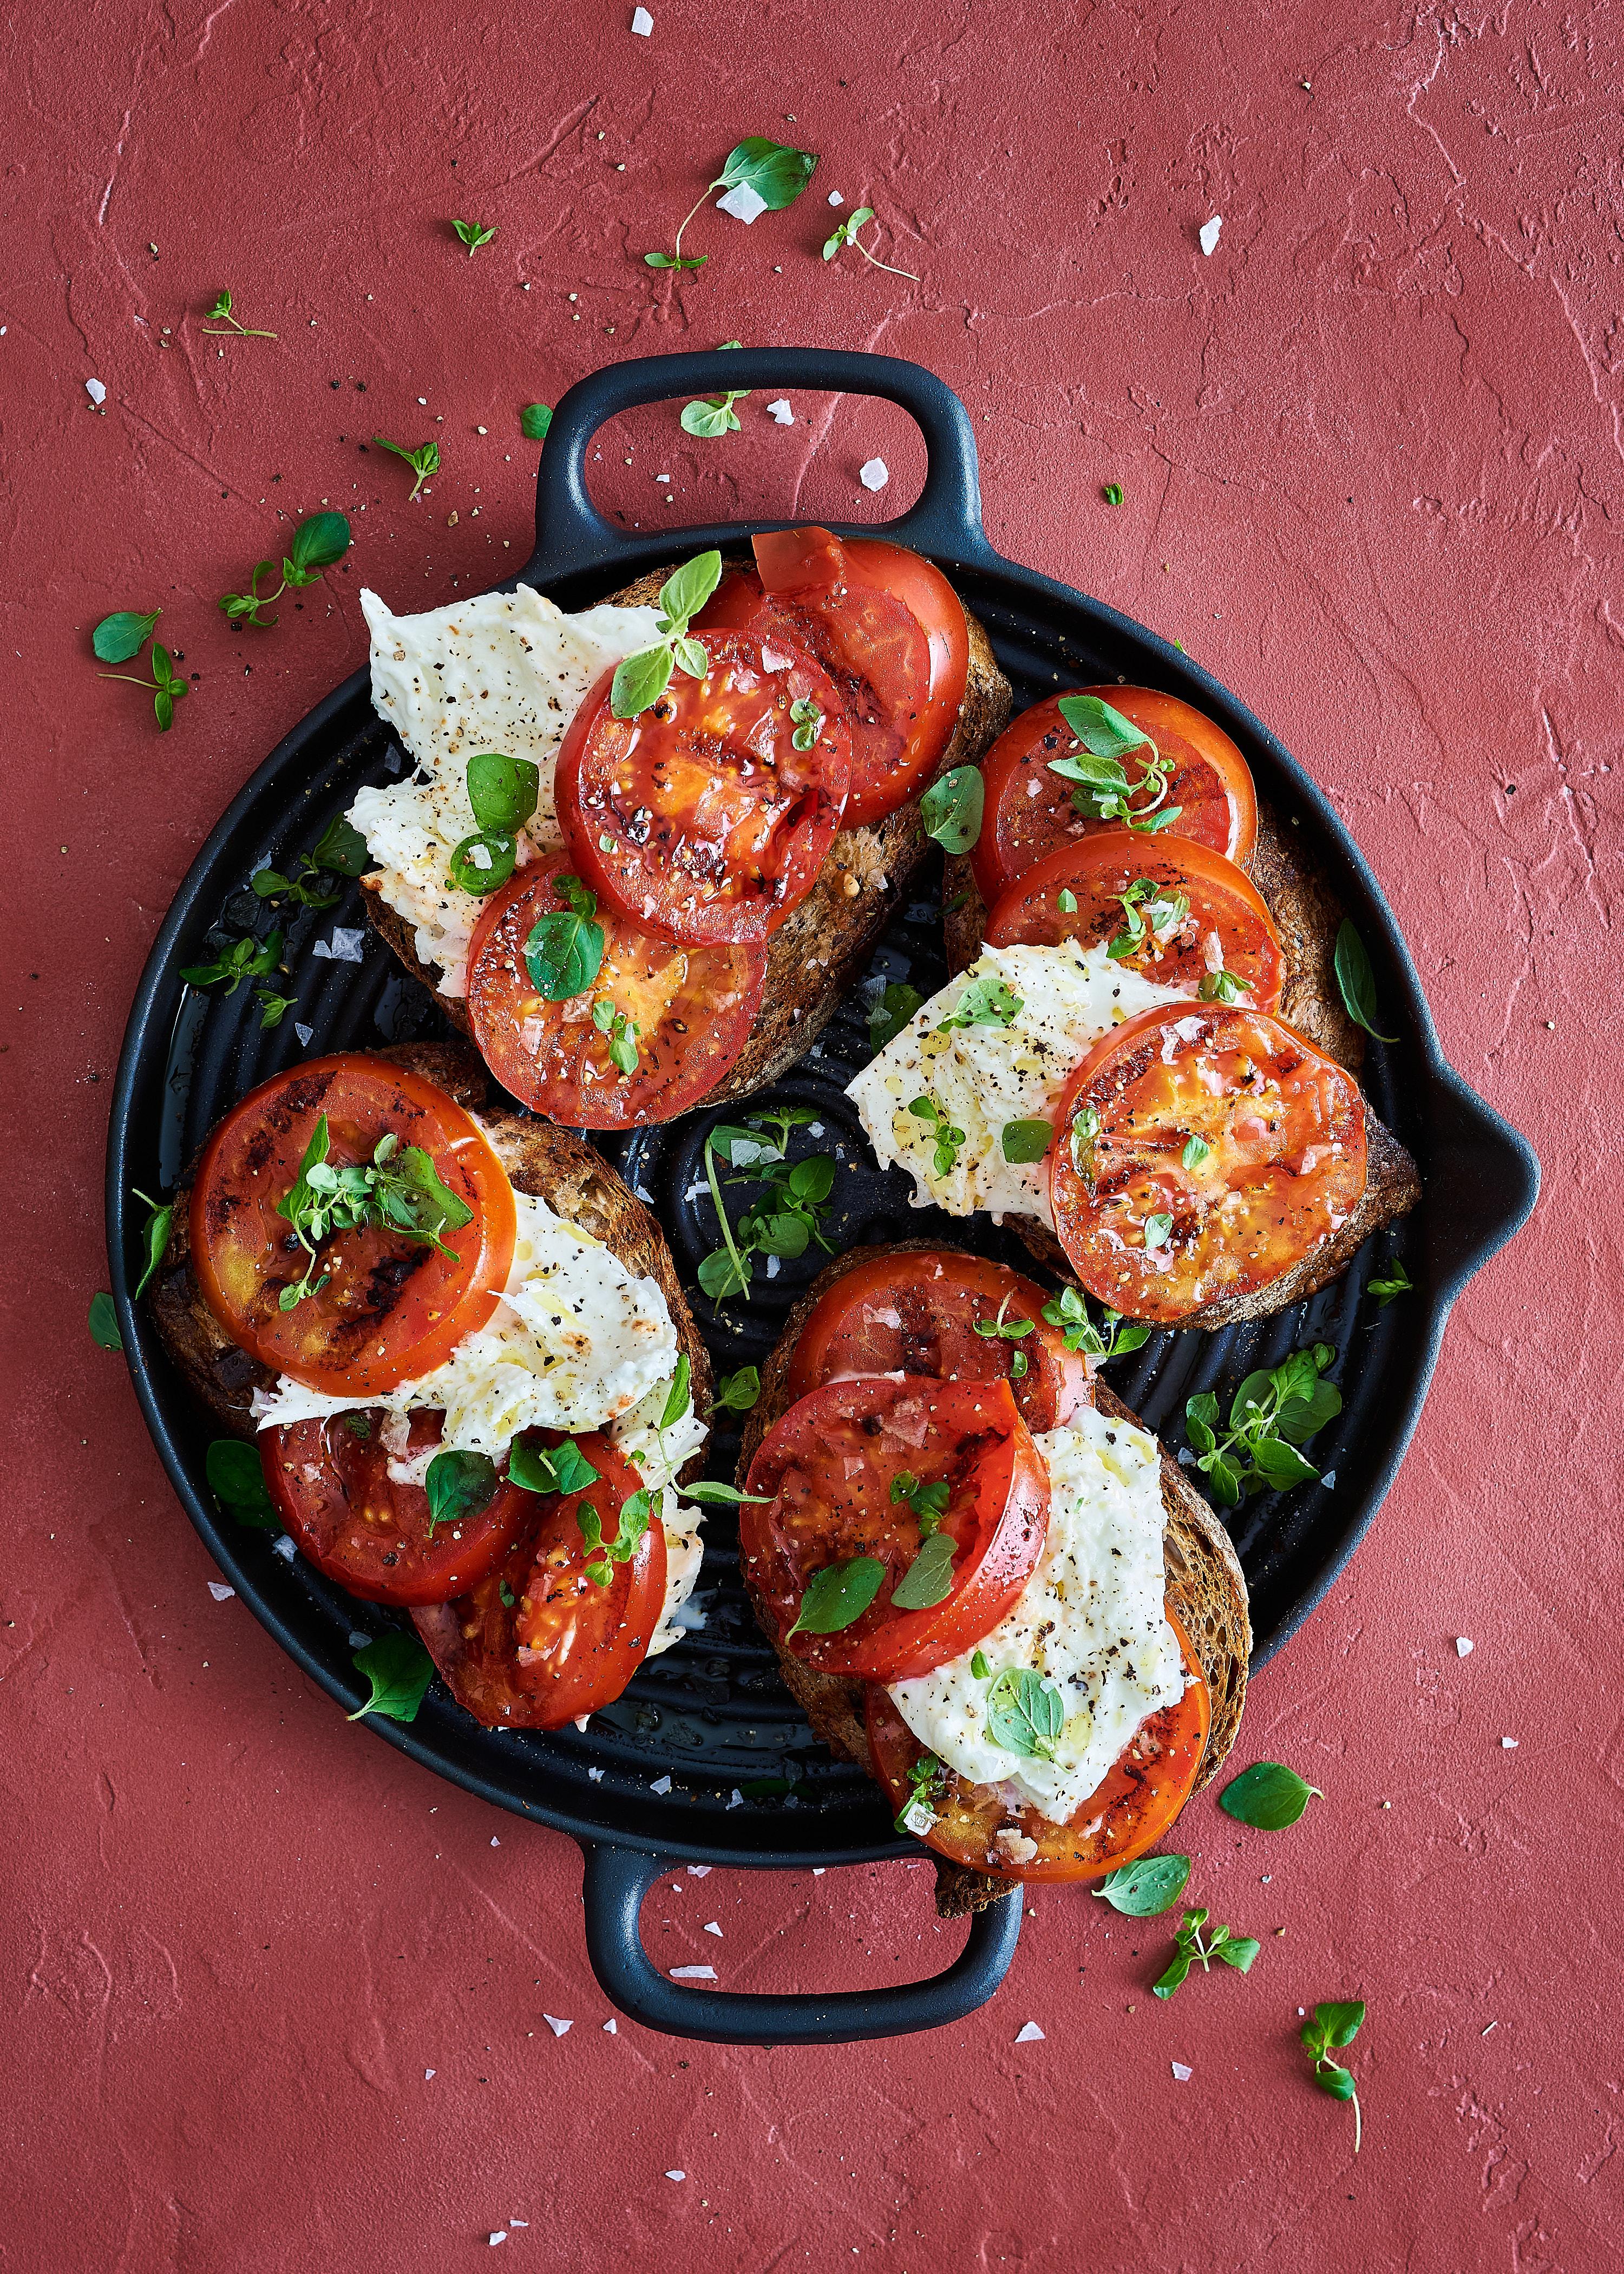 Grillatut tomaattileivät